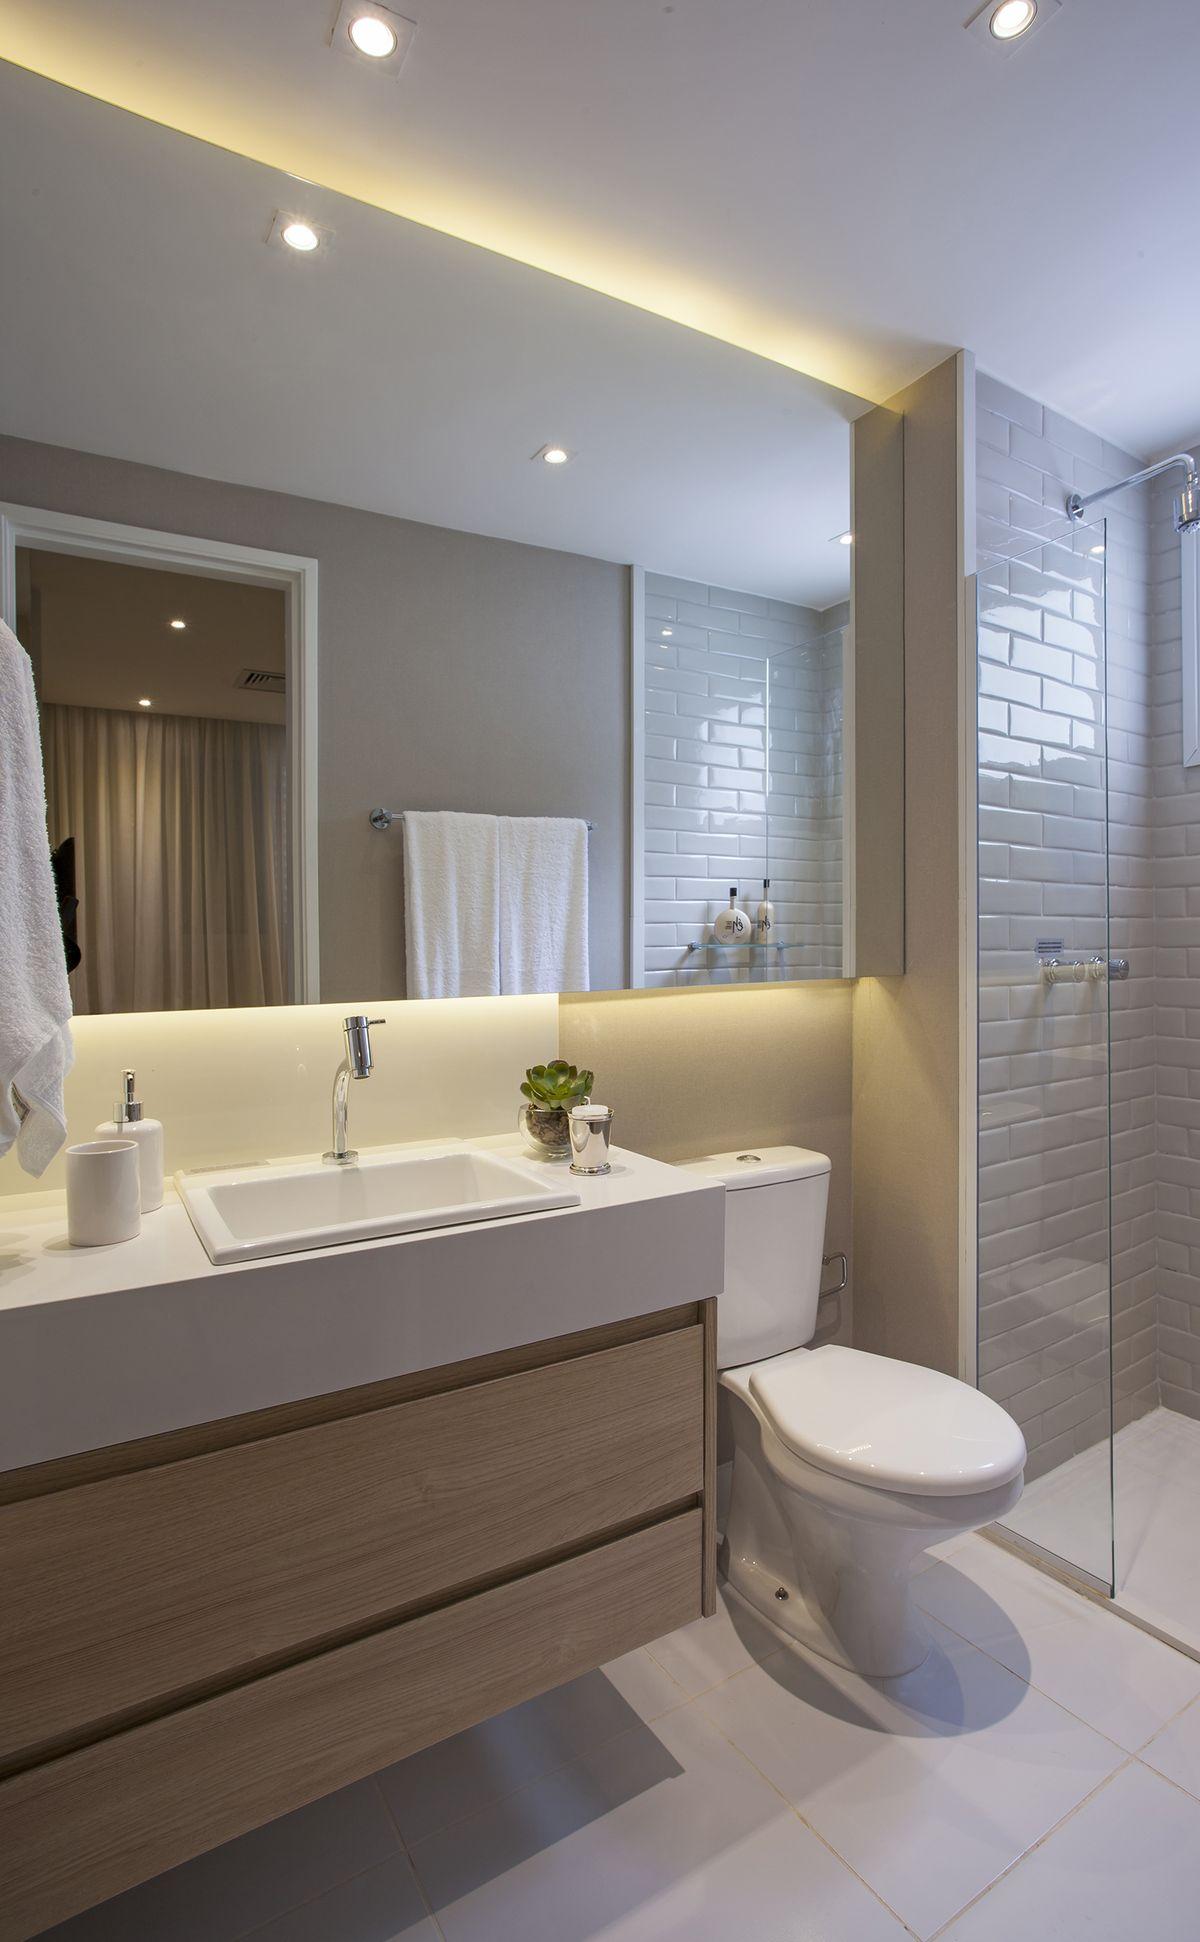 Imagens de #847147 banheiro • Pinterest #banheiro Resimleri 1200x1942 px 2810 Box Banheiro Manchado